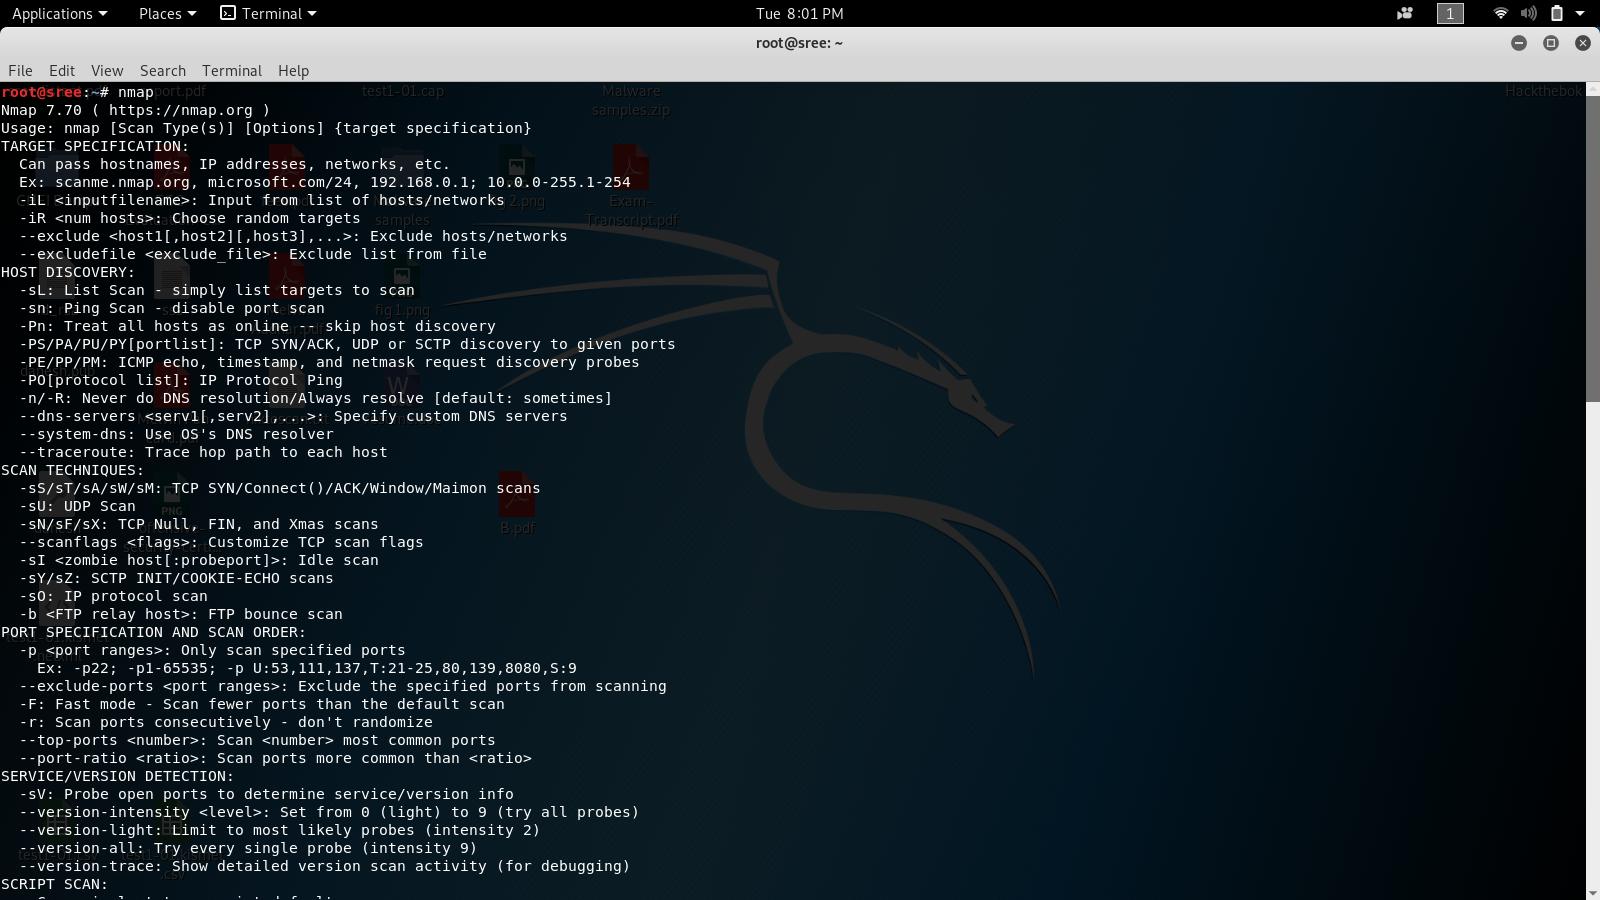 Nmap - Network Scanning Tool